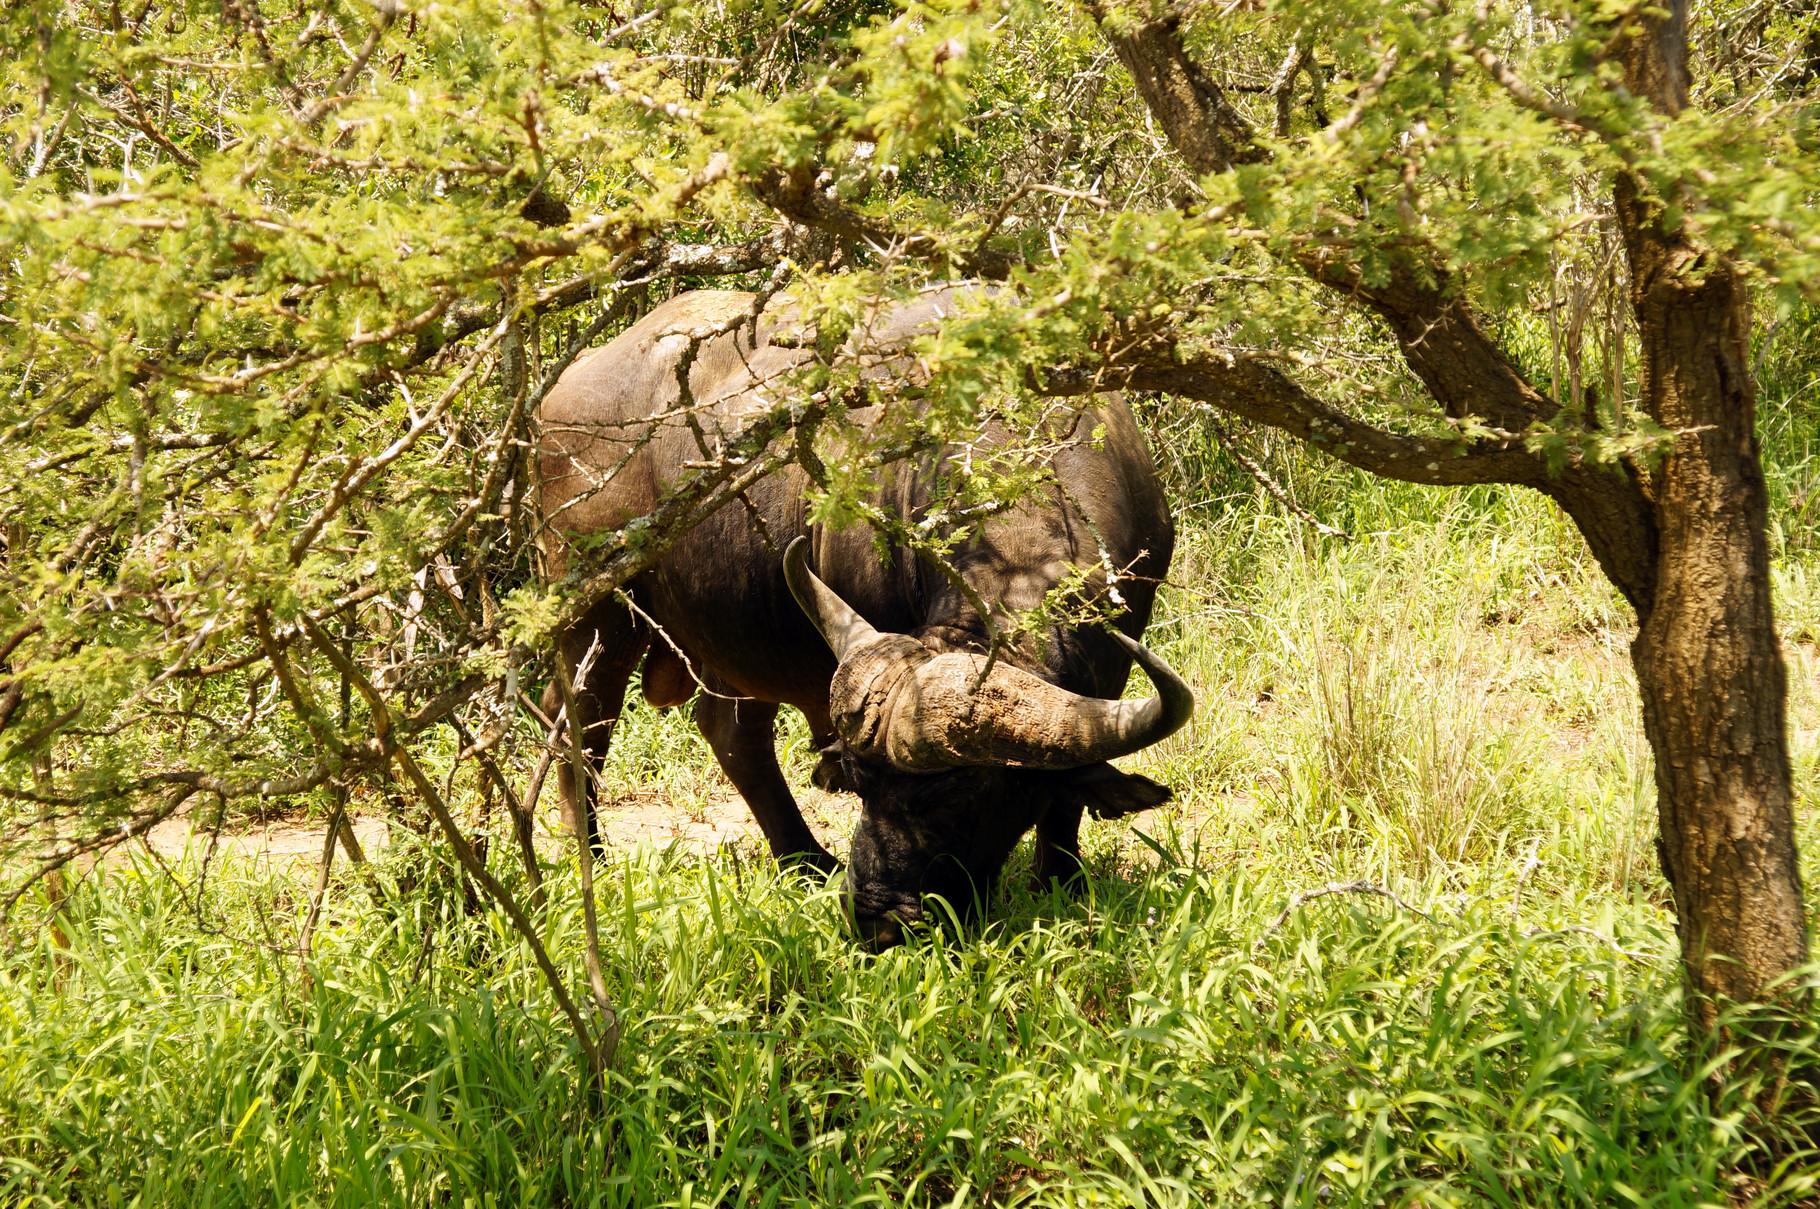 die Büffel lassen sich nicht stören